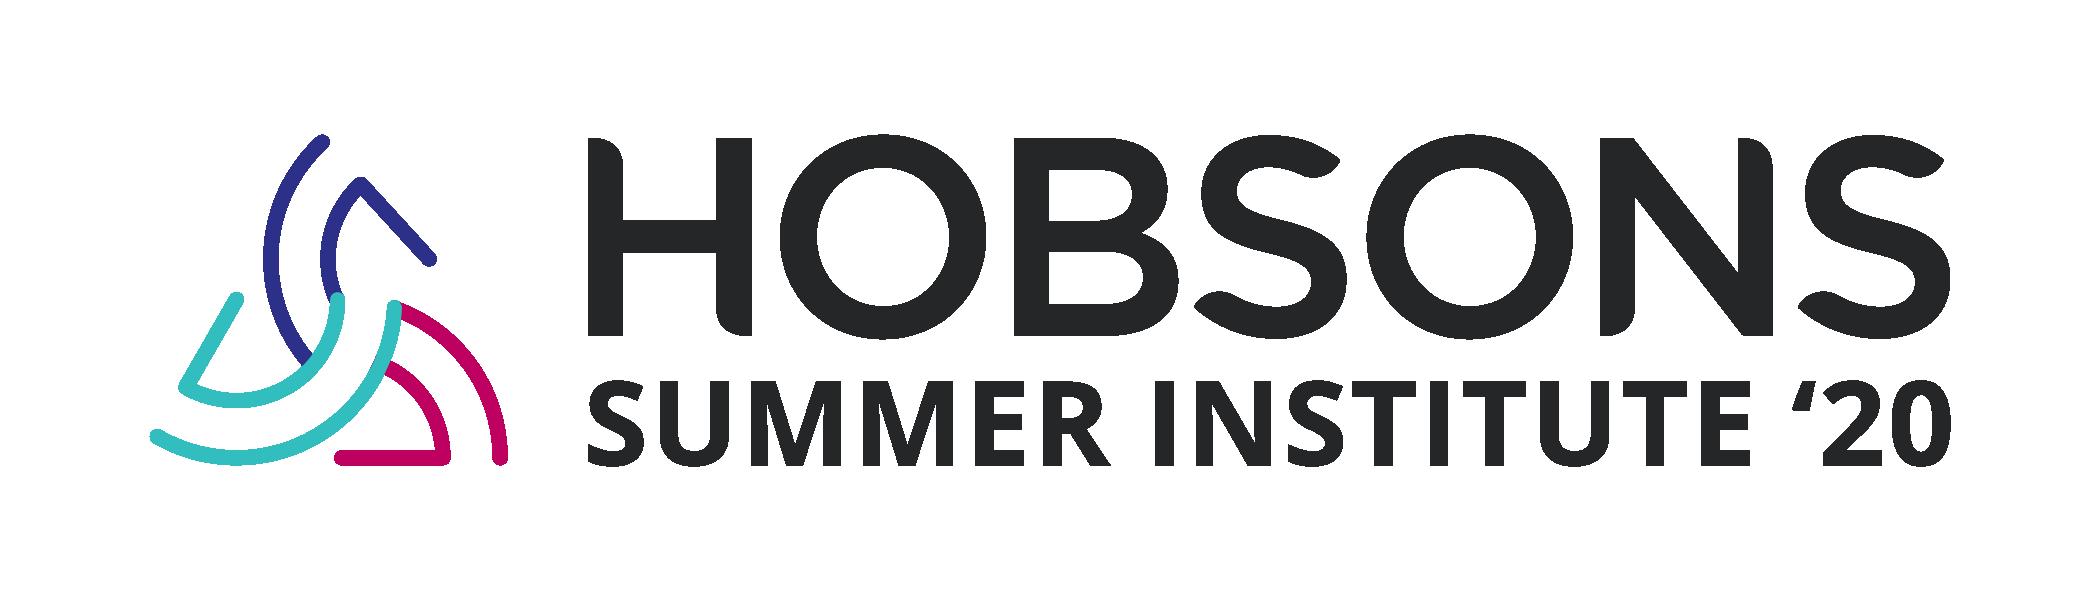 2020 Hobsons Summer Institute